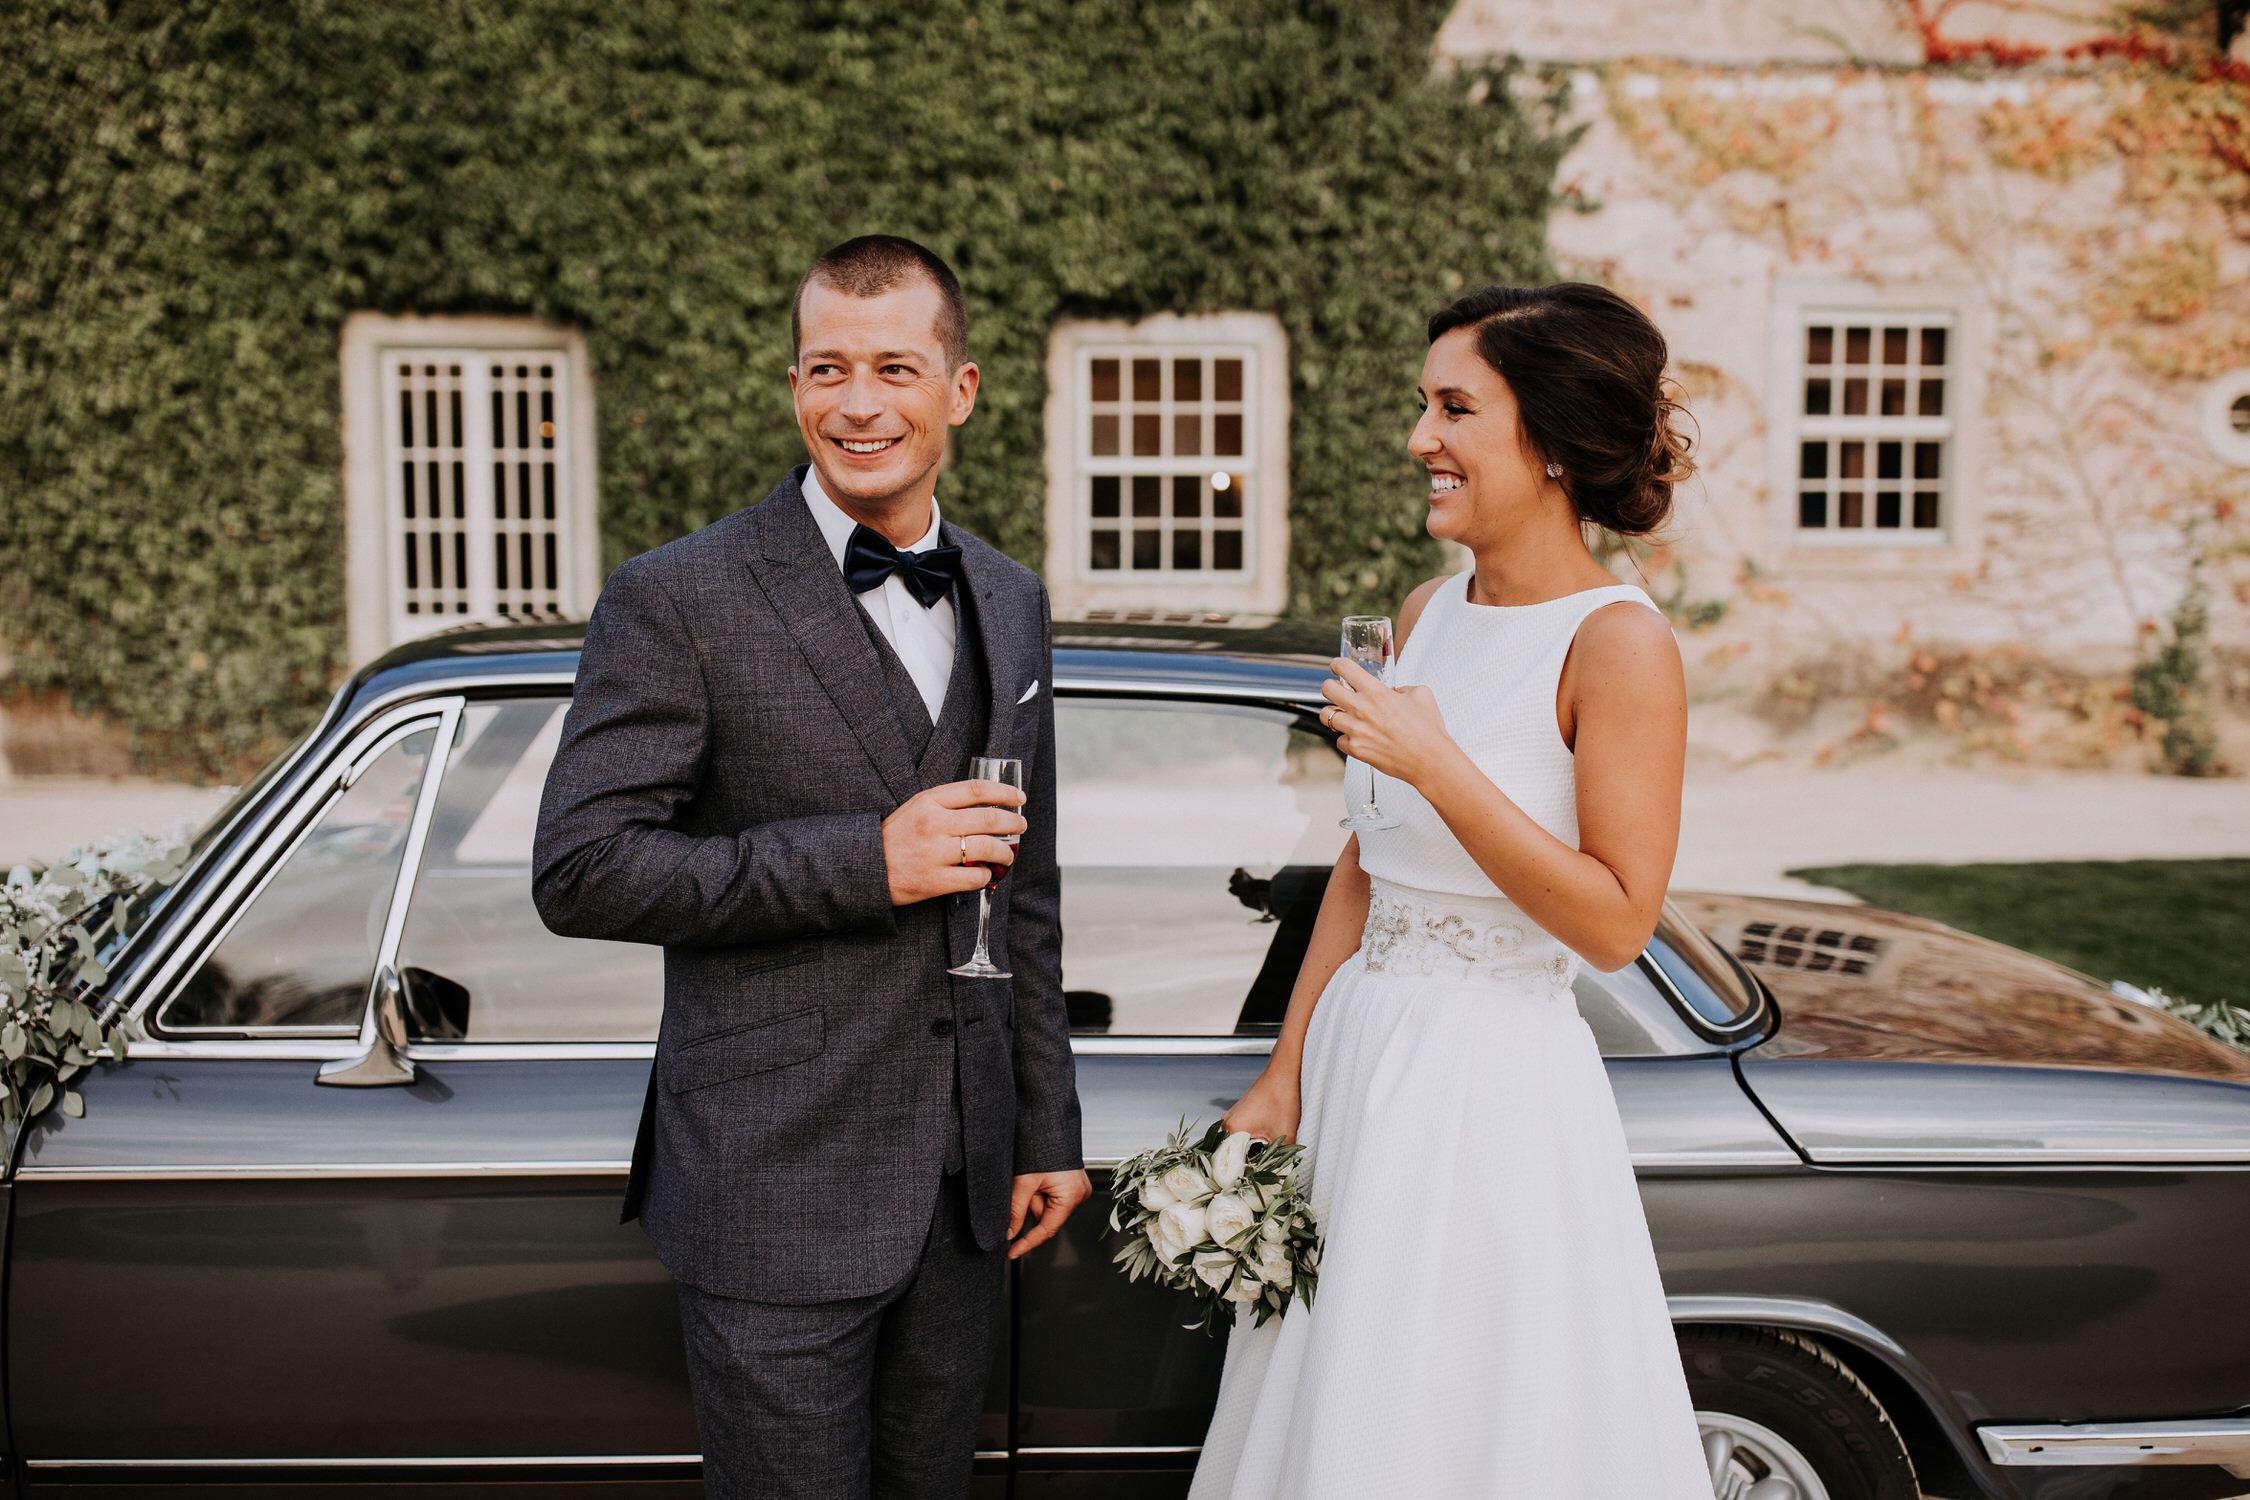 077 Filipe Santiago Fotografia Casamento wedding photographer near venue Lisbon Malveira Ericeira best Sintra Portugal destination solar de pancas alenquer